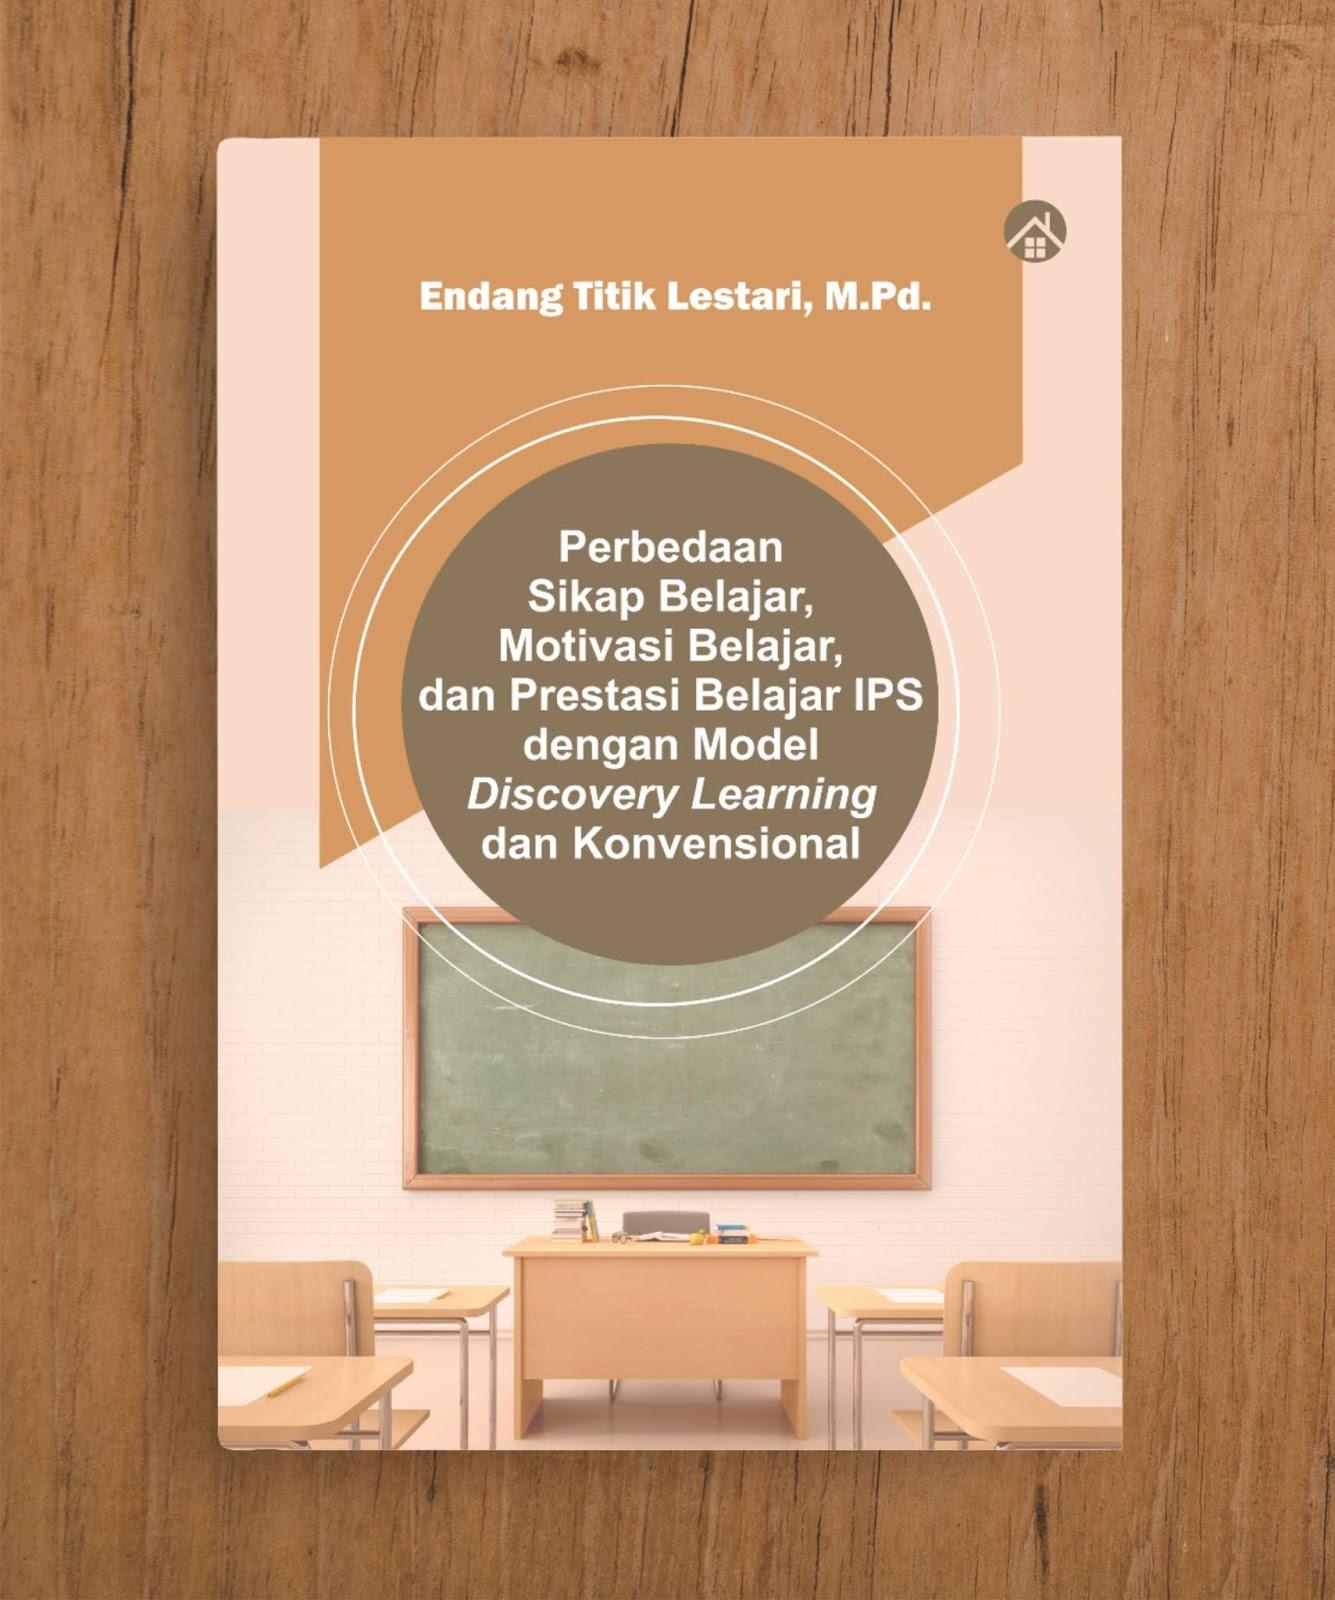 Perbedaan Sikap Belajar, Motivasi Belajar, dan Prestasi Belajar IPS dengan Model Discovery Learning dan Konvensional